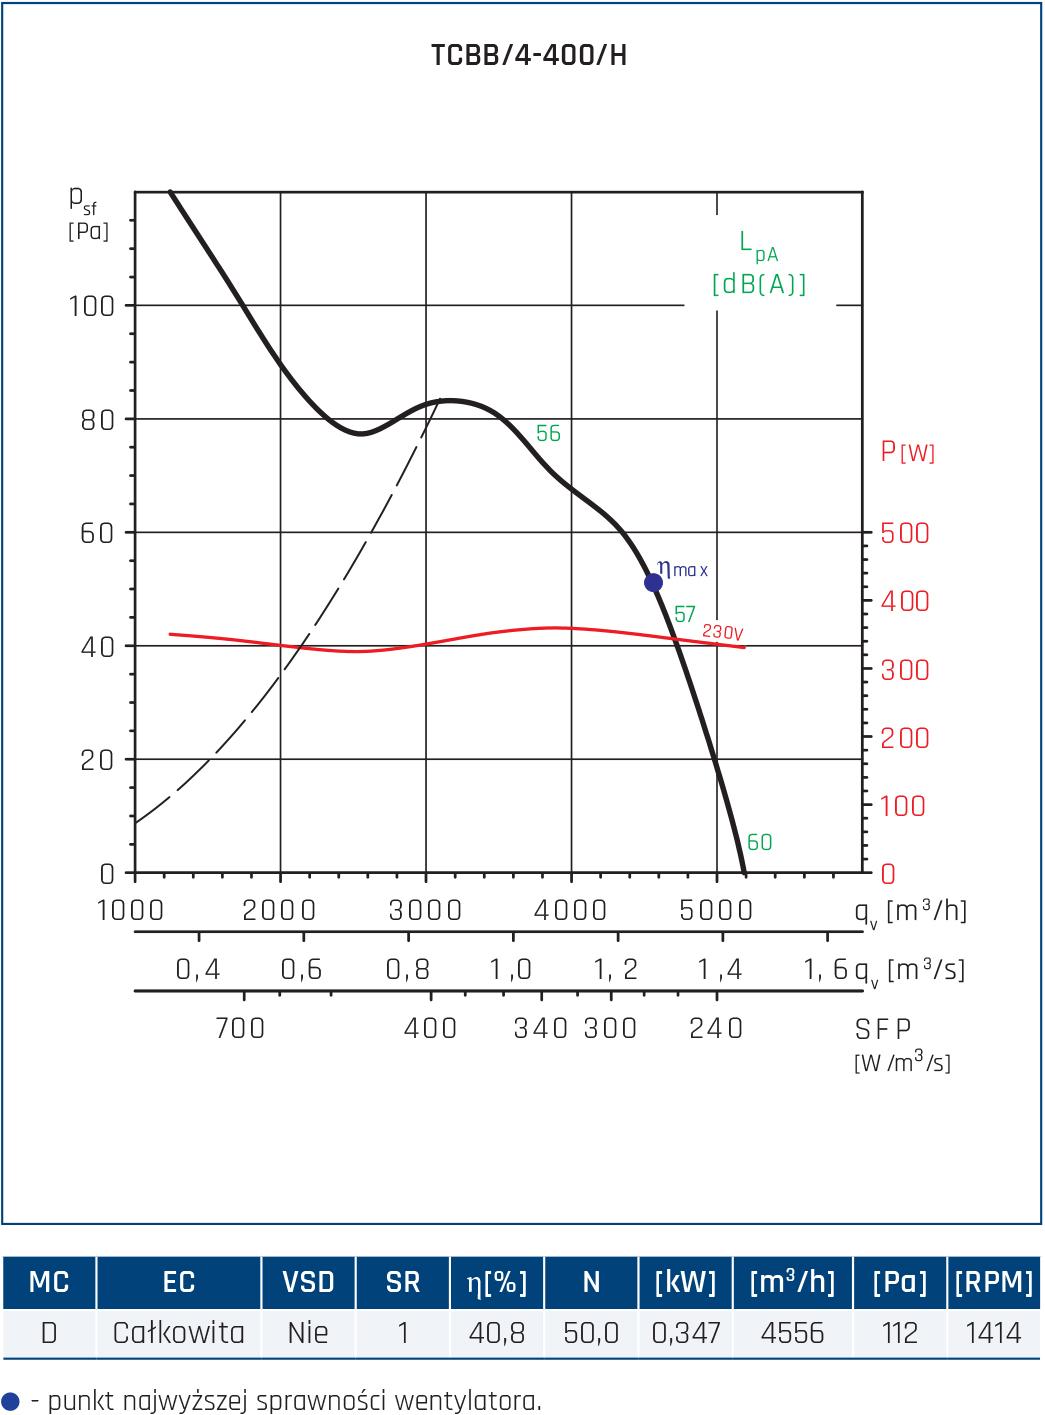 Wentylator Compact TCBB/TCBT 16